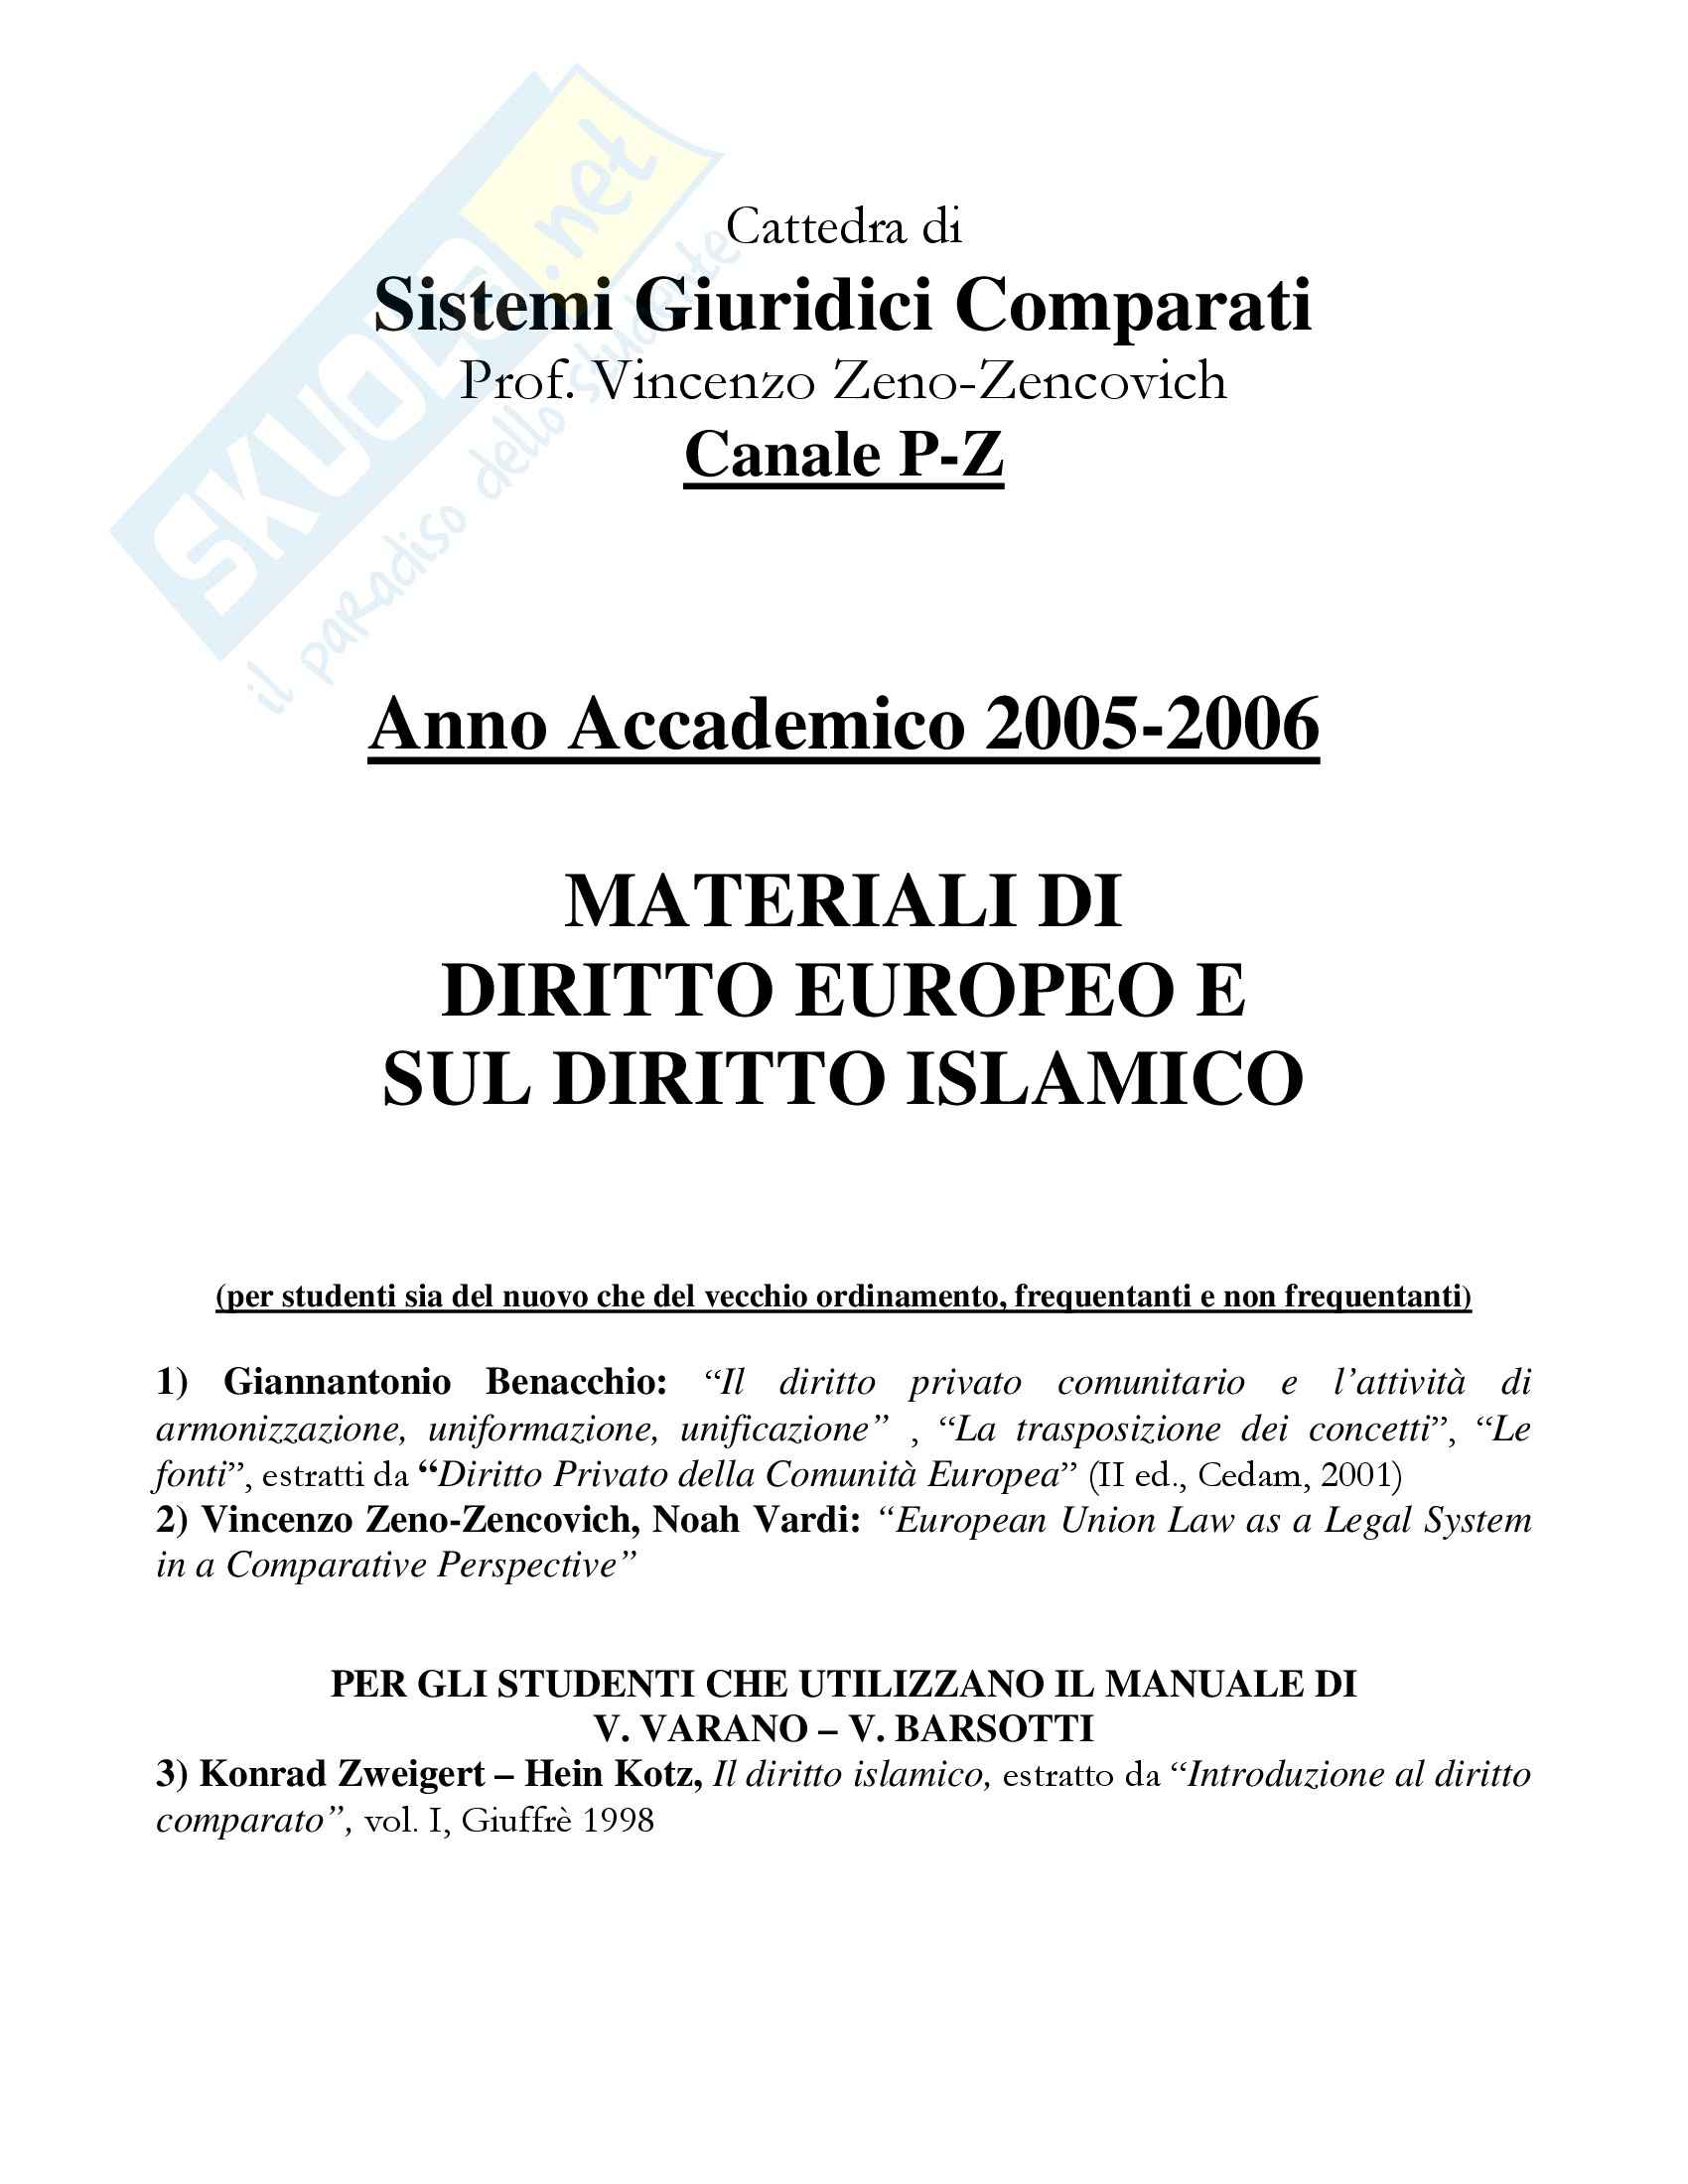 Sistemi giuridici comparati - diritto islamico